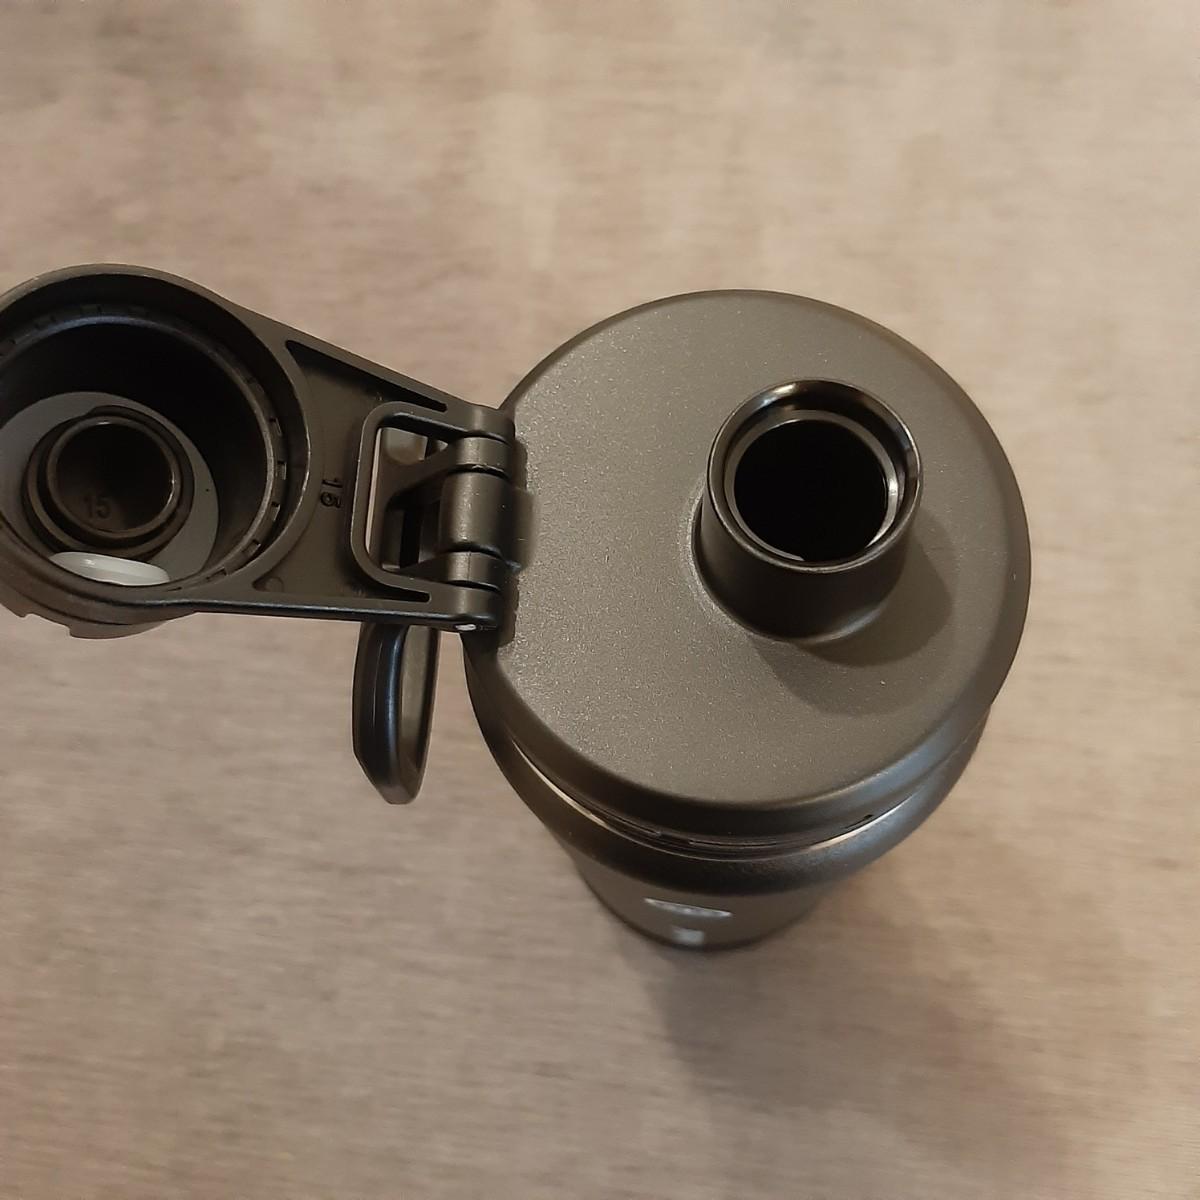 ステンレス 保温 保冷 水筒  タンブラー マイボトル  710ml  ブラック  ステンレスボトル  ステンレスマグ